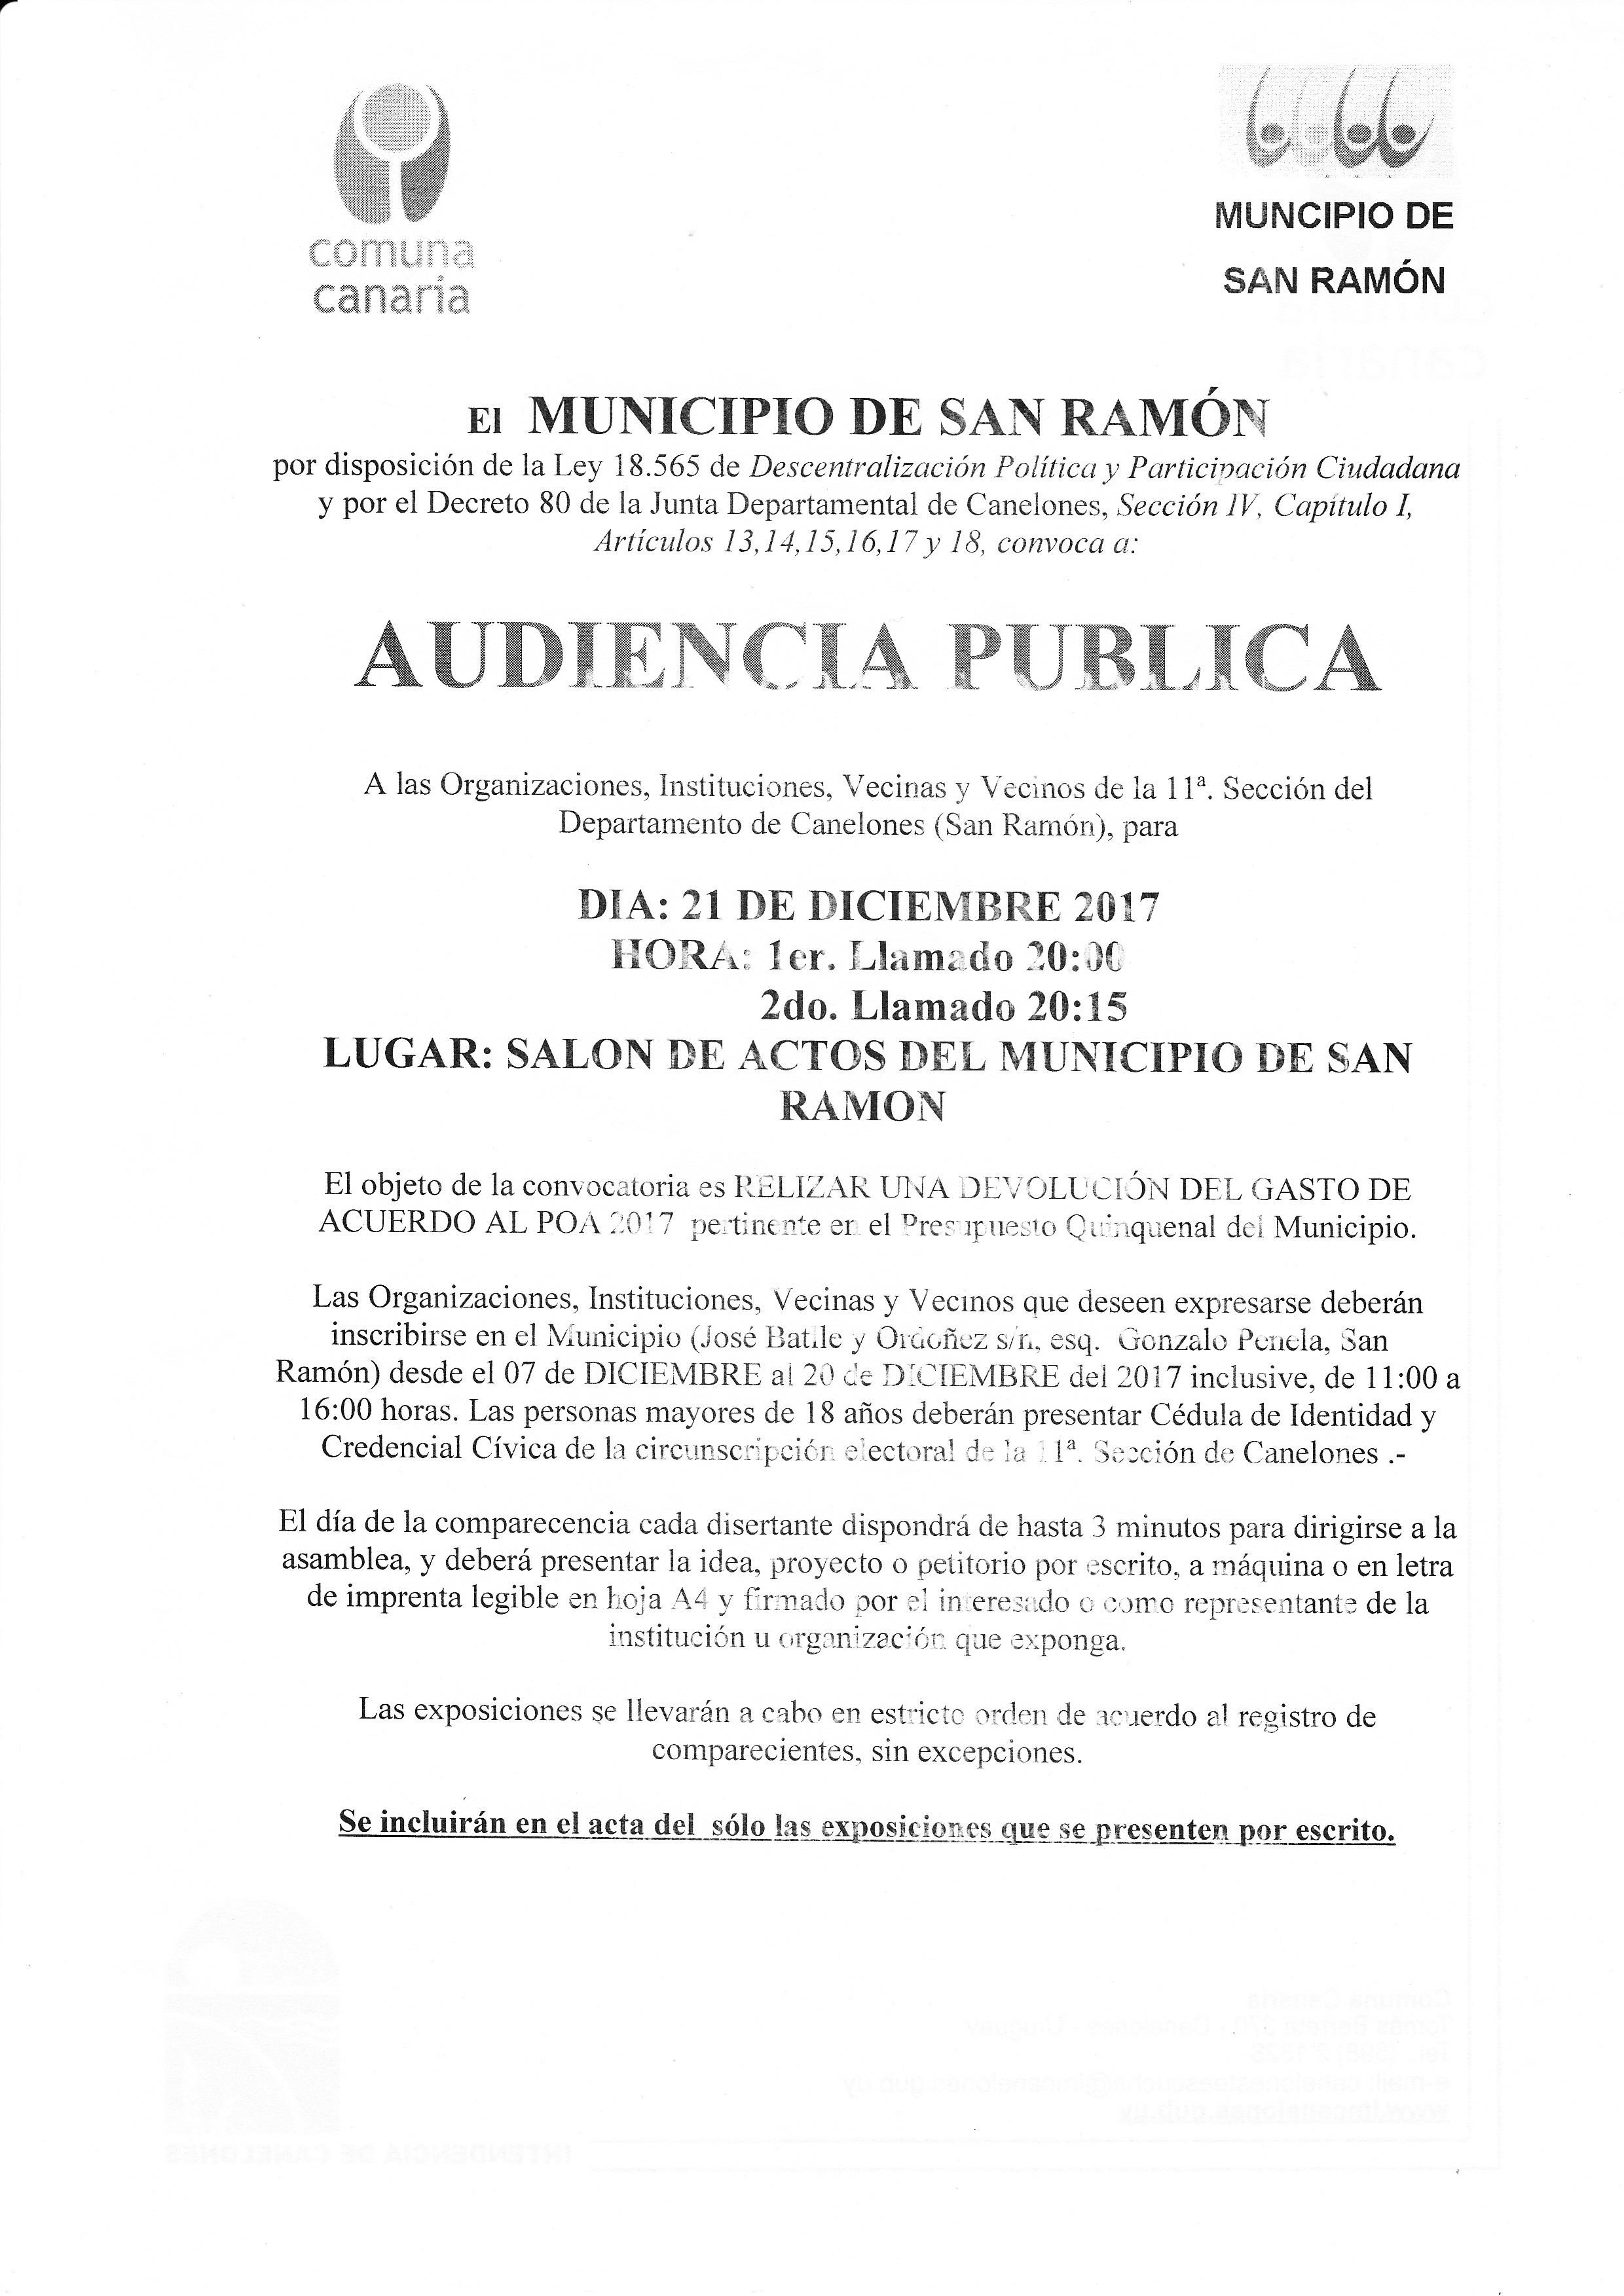 INVITACION AUDIENCIA PUBLICA